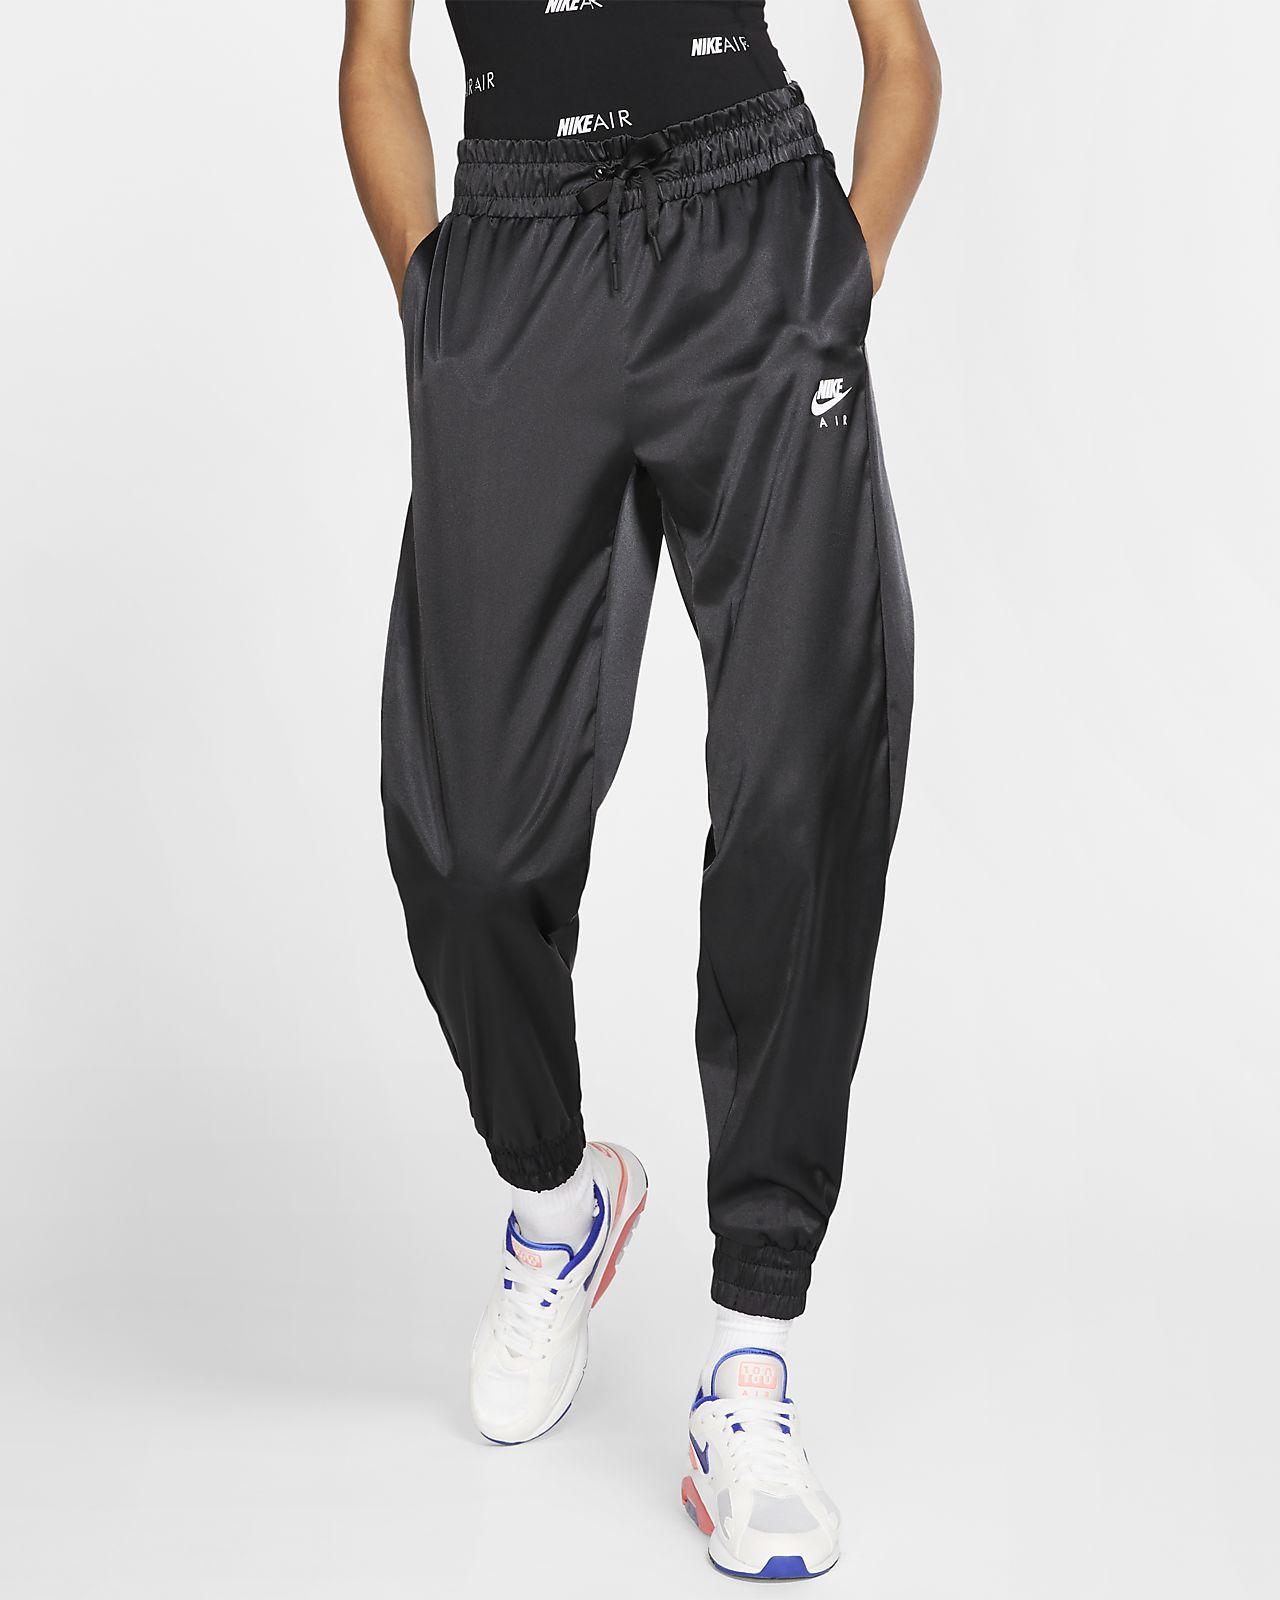 fe5832158d Pantalon de survêtement en satin Nike Air pour Femme. Nike.com CA